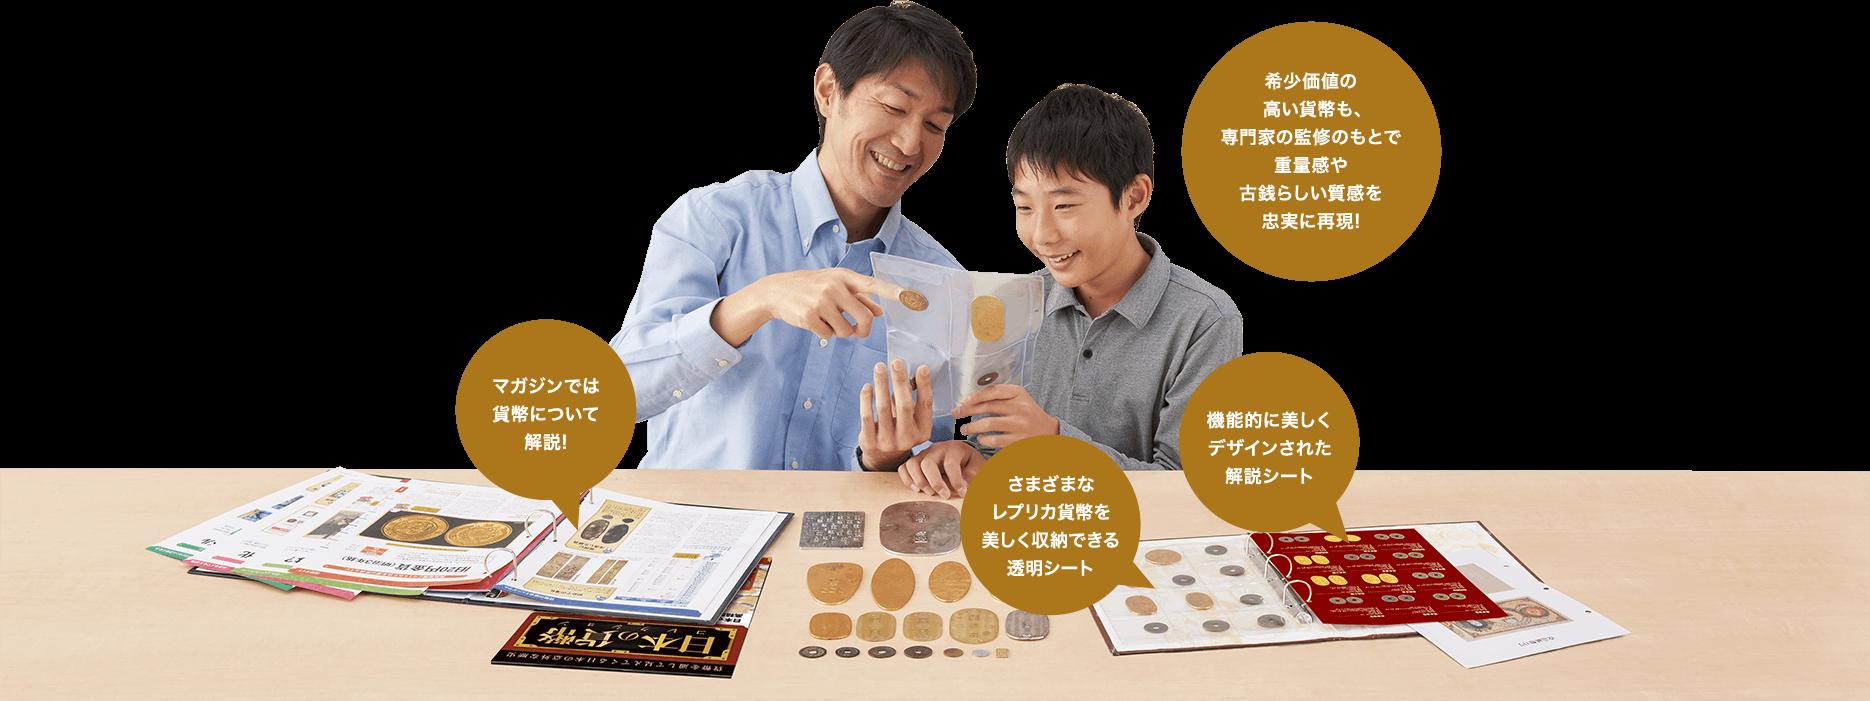 希少価値の高い貨幣も、専門家の監修のもとで重量感や古銭らしい質感を忠実に再現! 機能的に美しくデザインされた解説シート さまざまなレプリカ貨幣を美しく収納できる透明シート マガジンでは貨幣について解説!